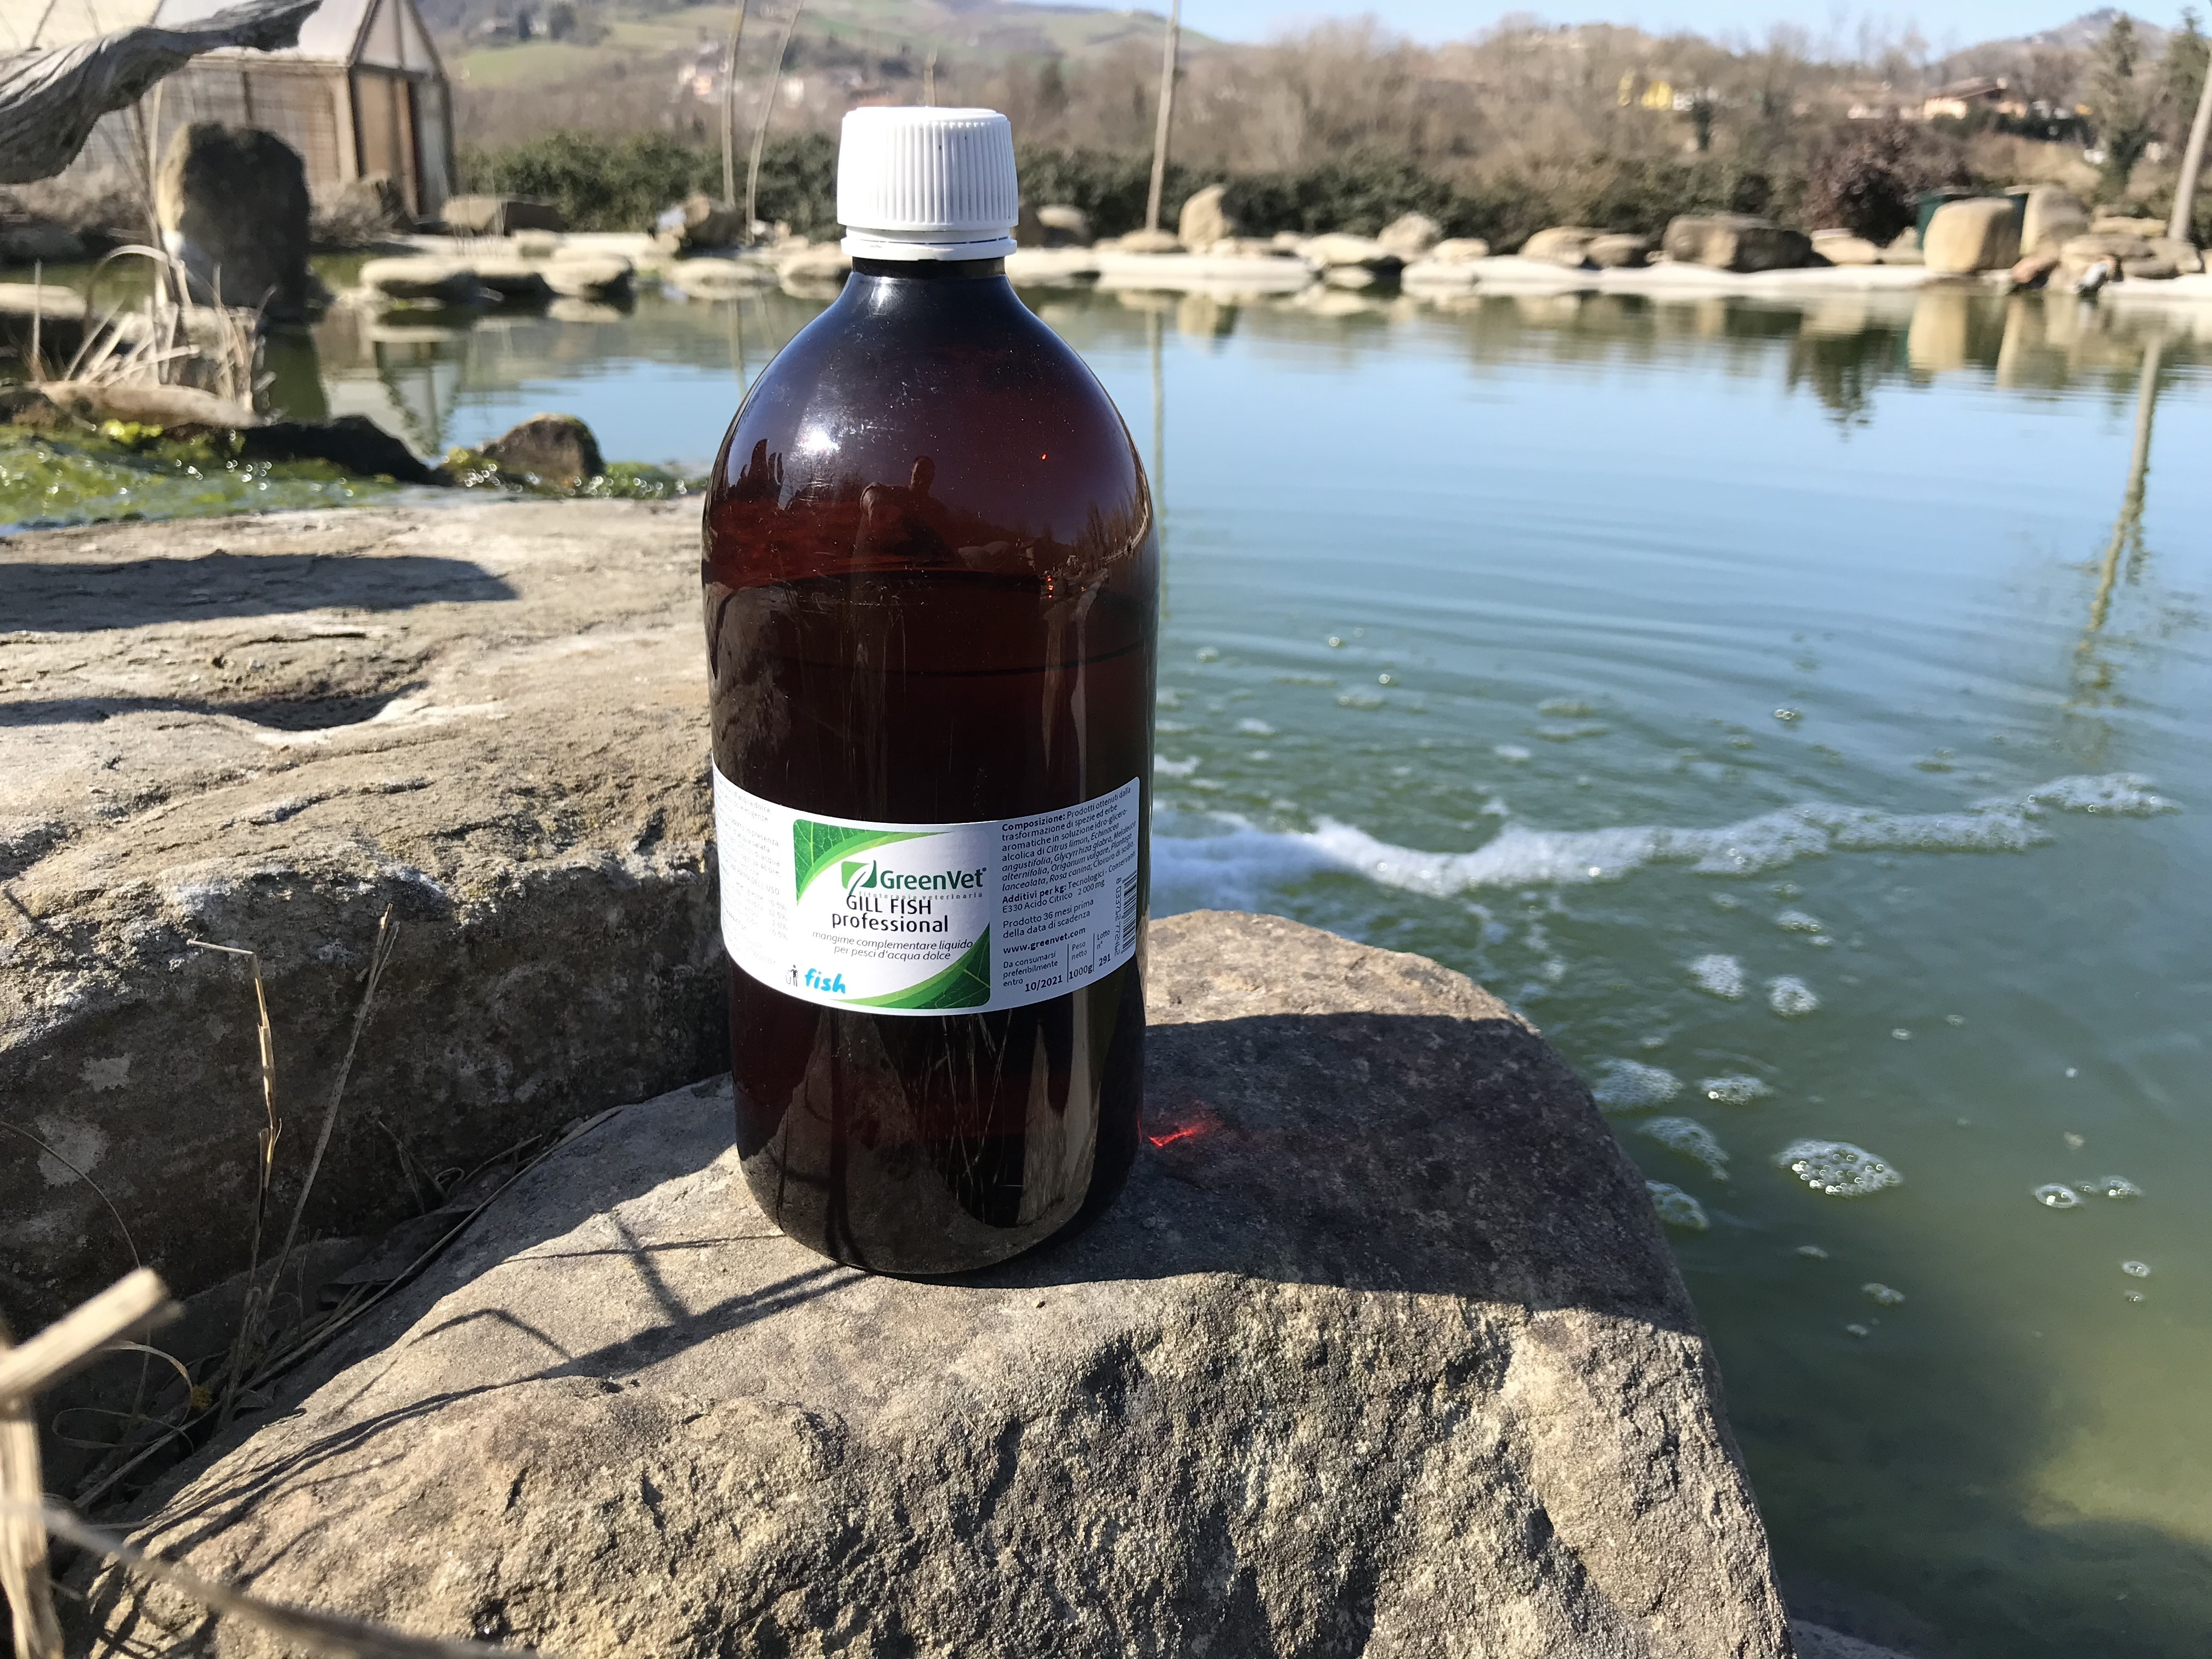 biocondizionatore GreenVet Gill Fish 1 litro 00238